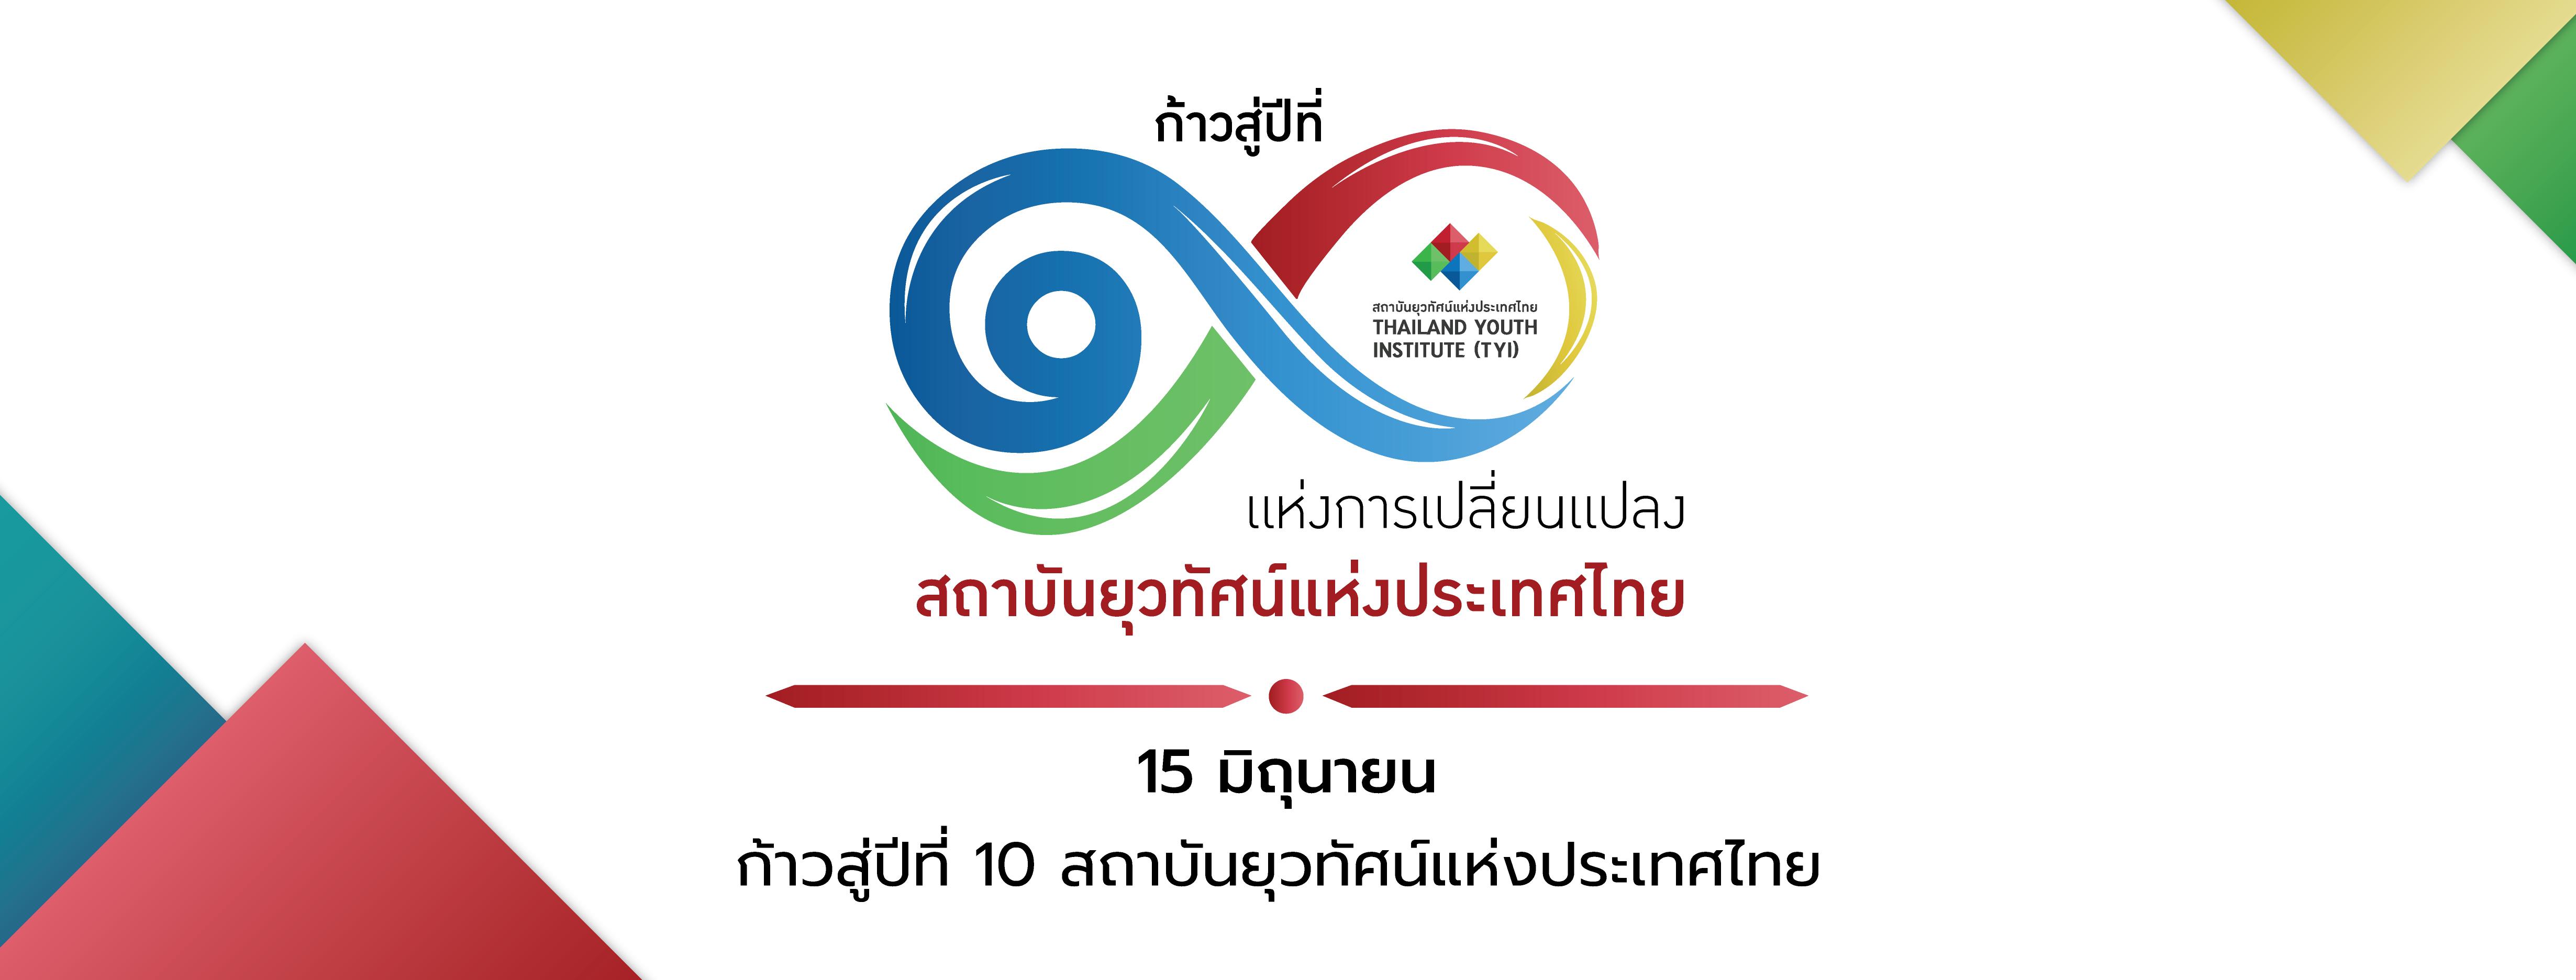 10 ปี สถาบันยุวทัศน์แห่งประเทศไทย